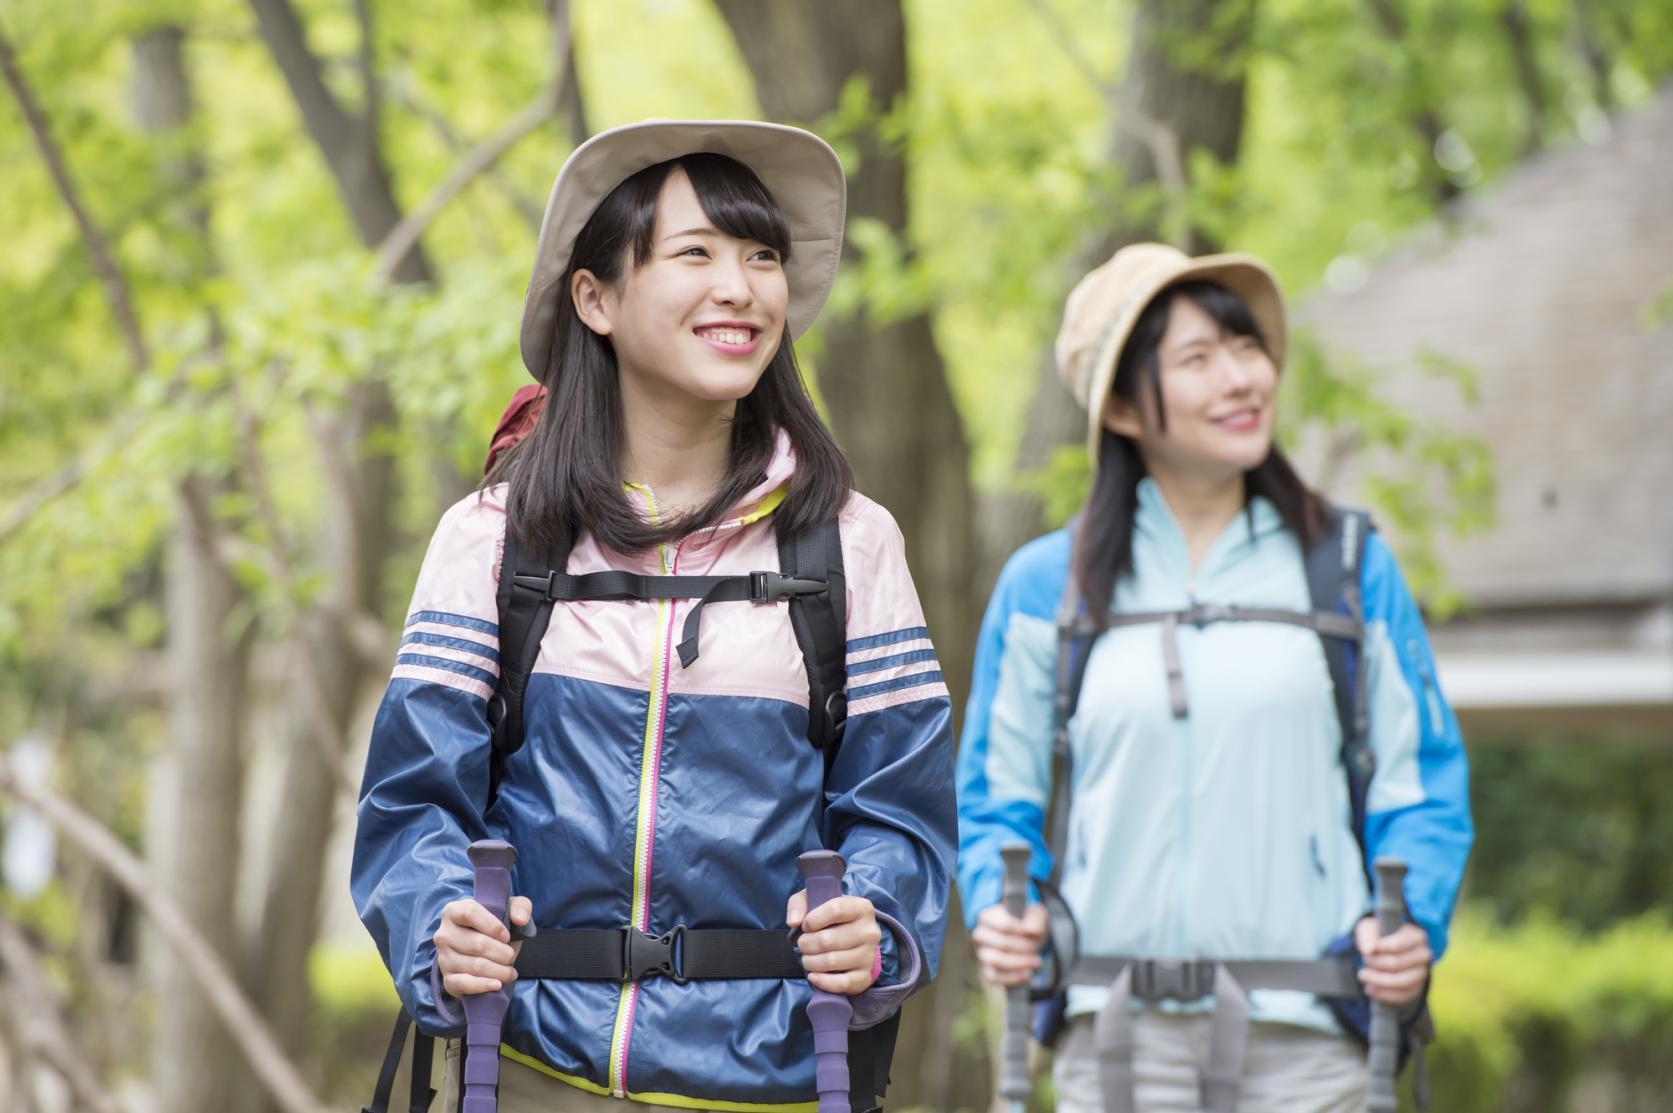 大自然に出会う!初心者から楽しめるハイキングコース